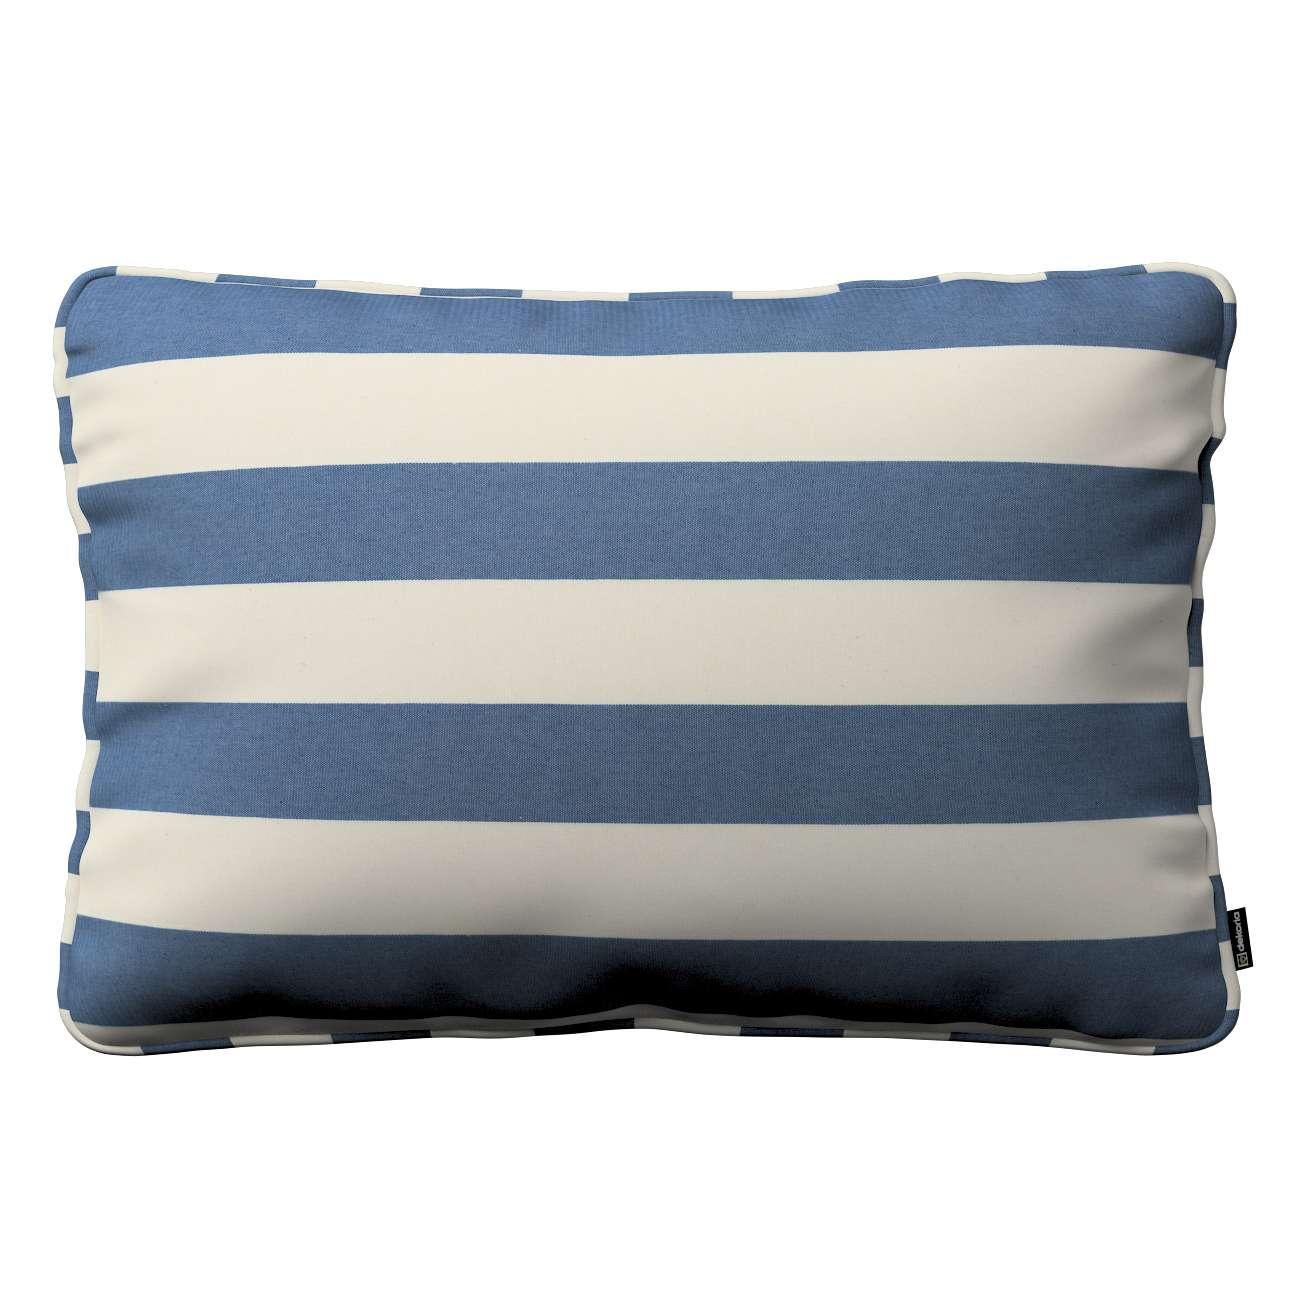 Poszewka Gabi na poduszkę prostokątna w kolekcji Quadro, tkanina: 142-70